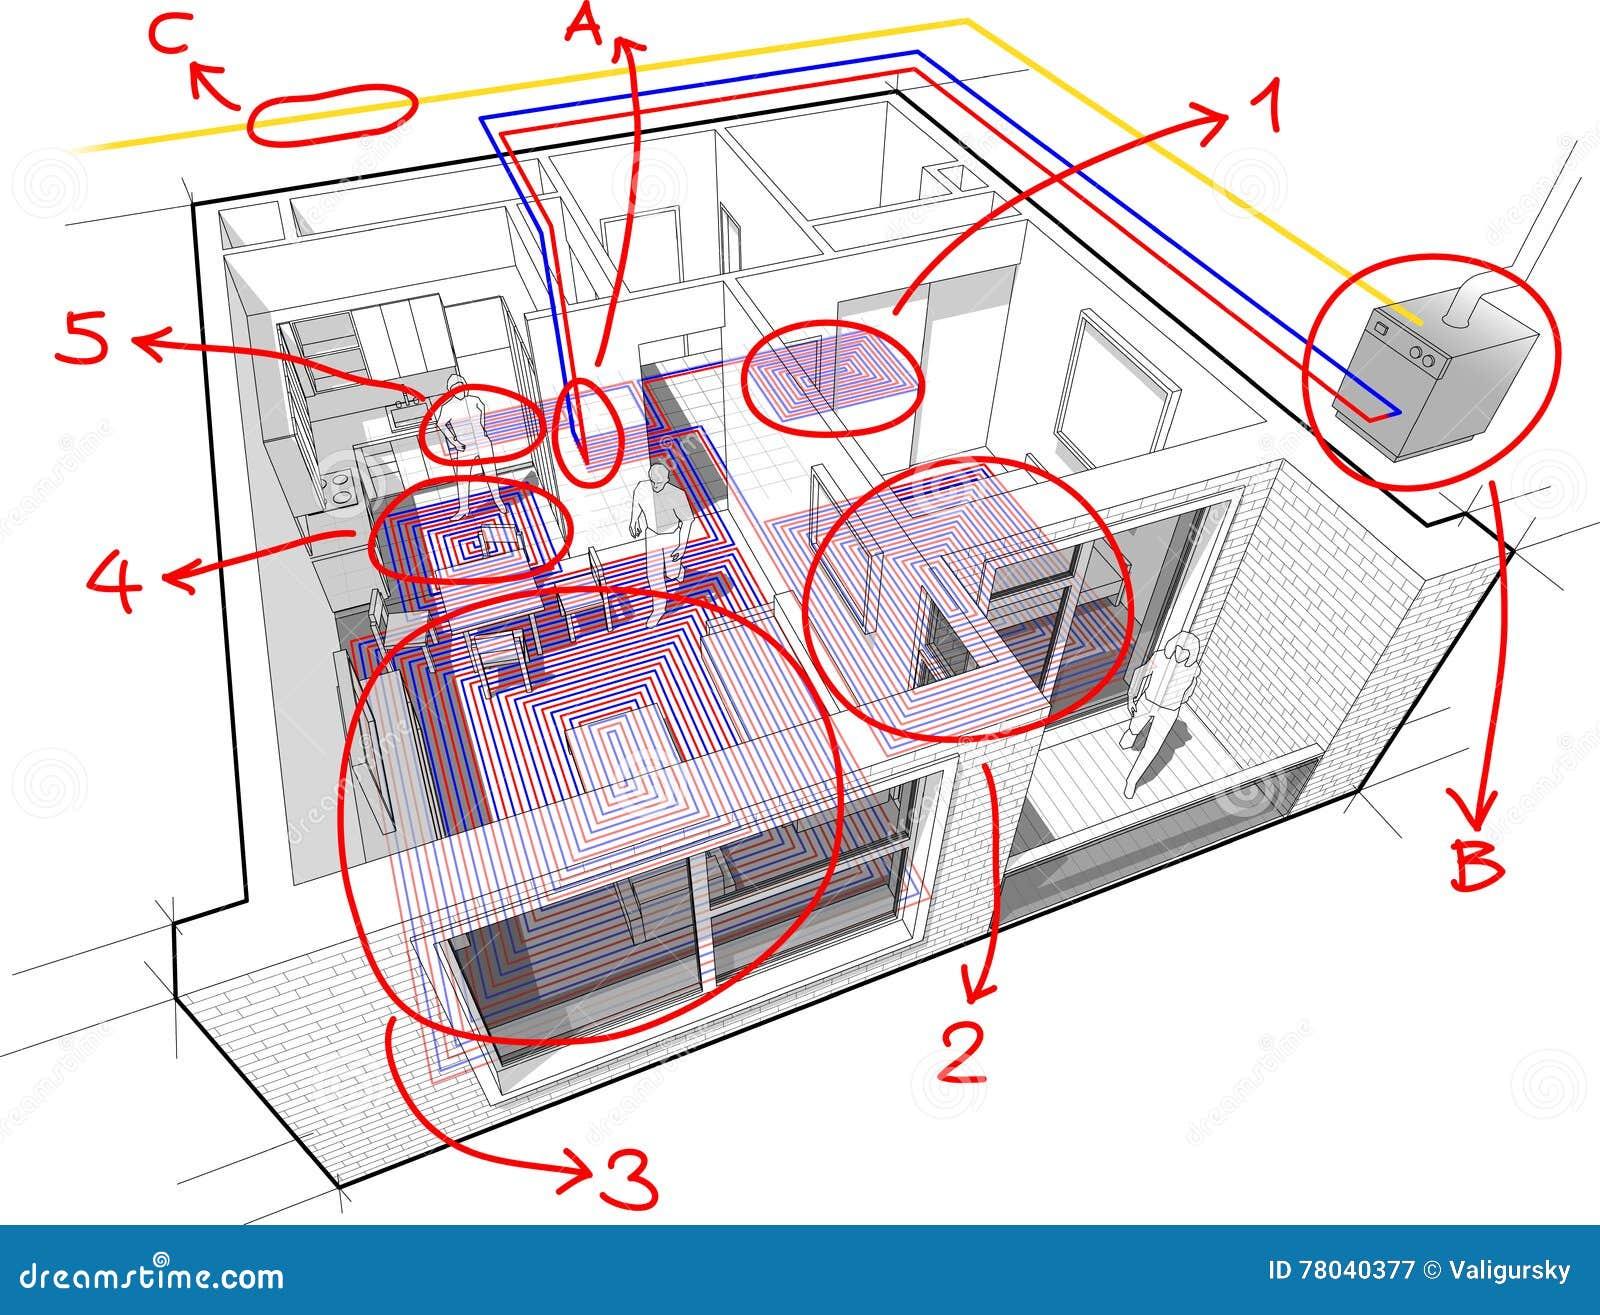 Riscaldamento A Pavimento E Raffreddamento diagramma dell'appartamento con il riscaldamento a pavimento